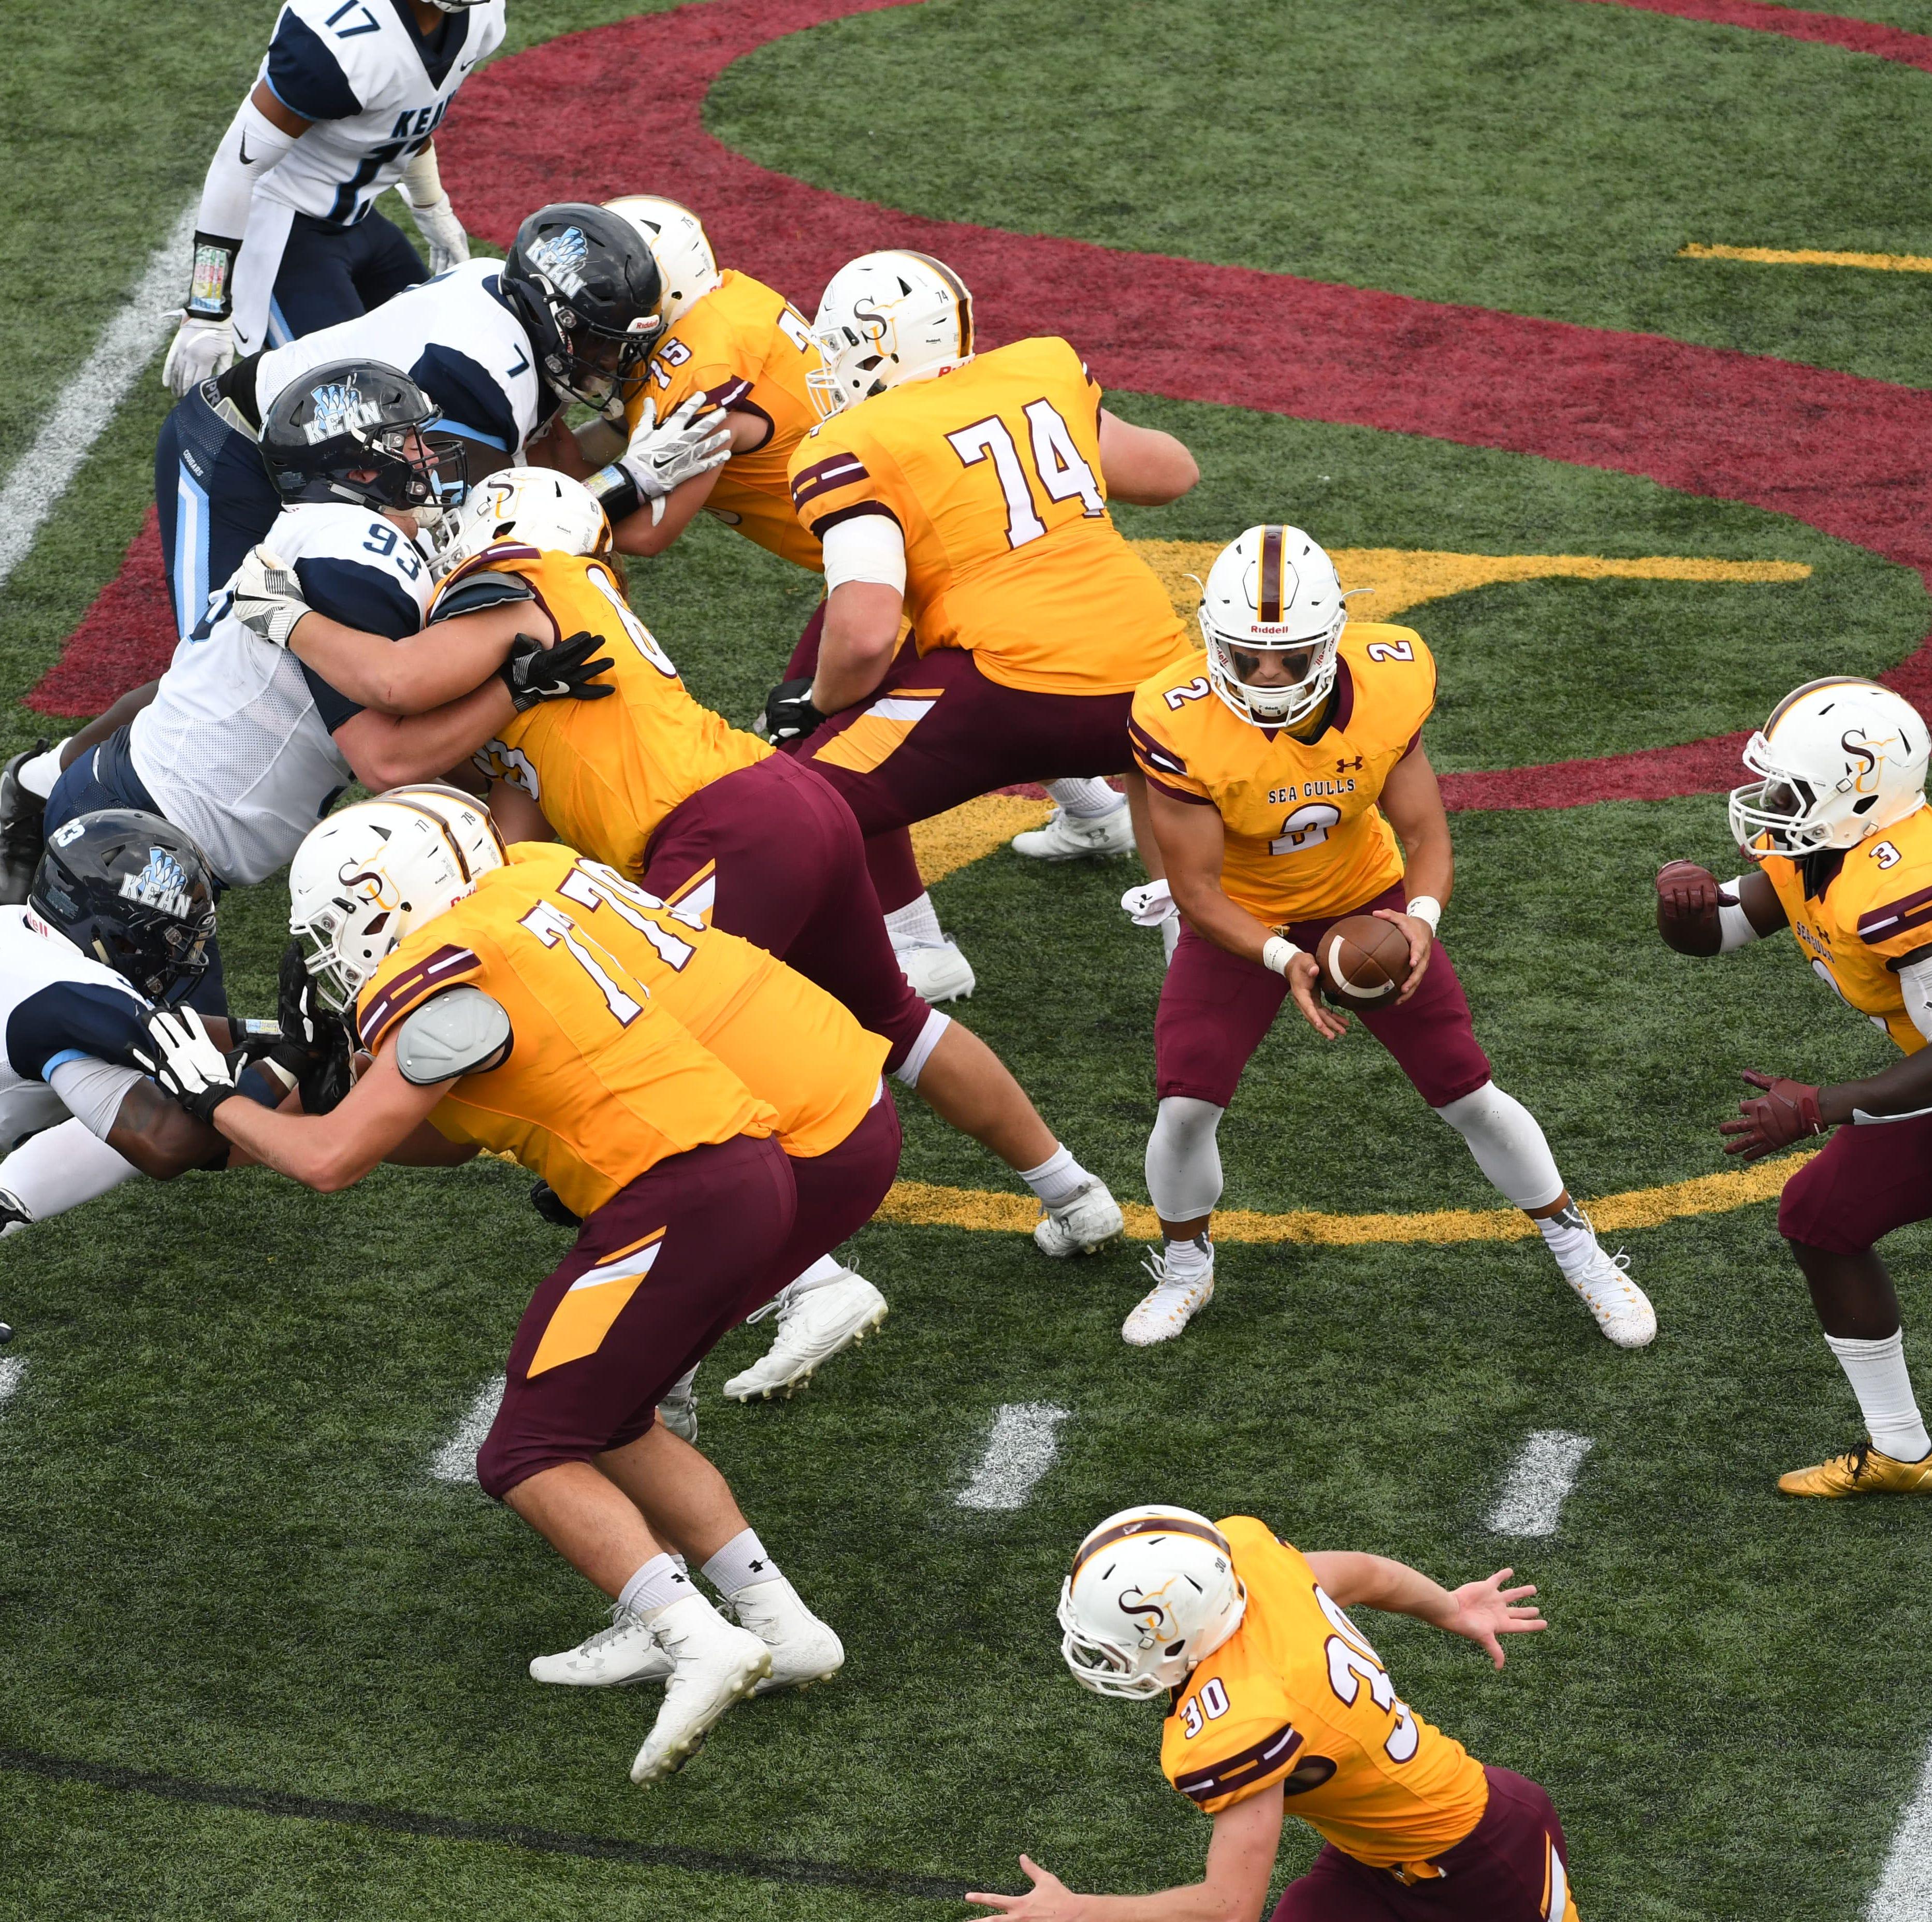 Behind backup quarterback, Salisbury University football stays undefeated with shutout